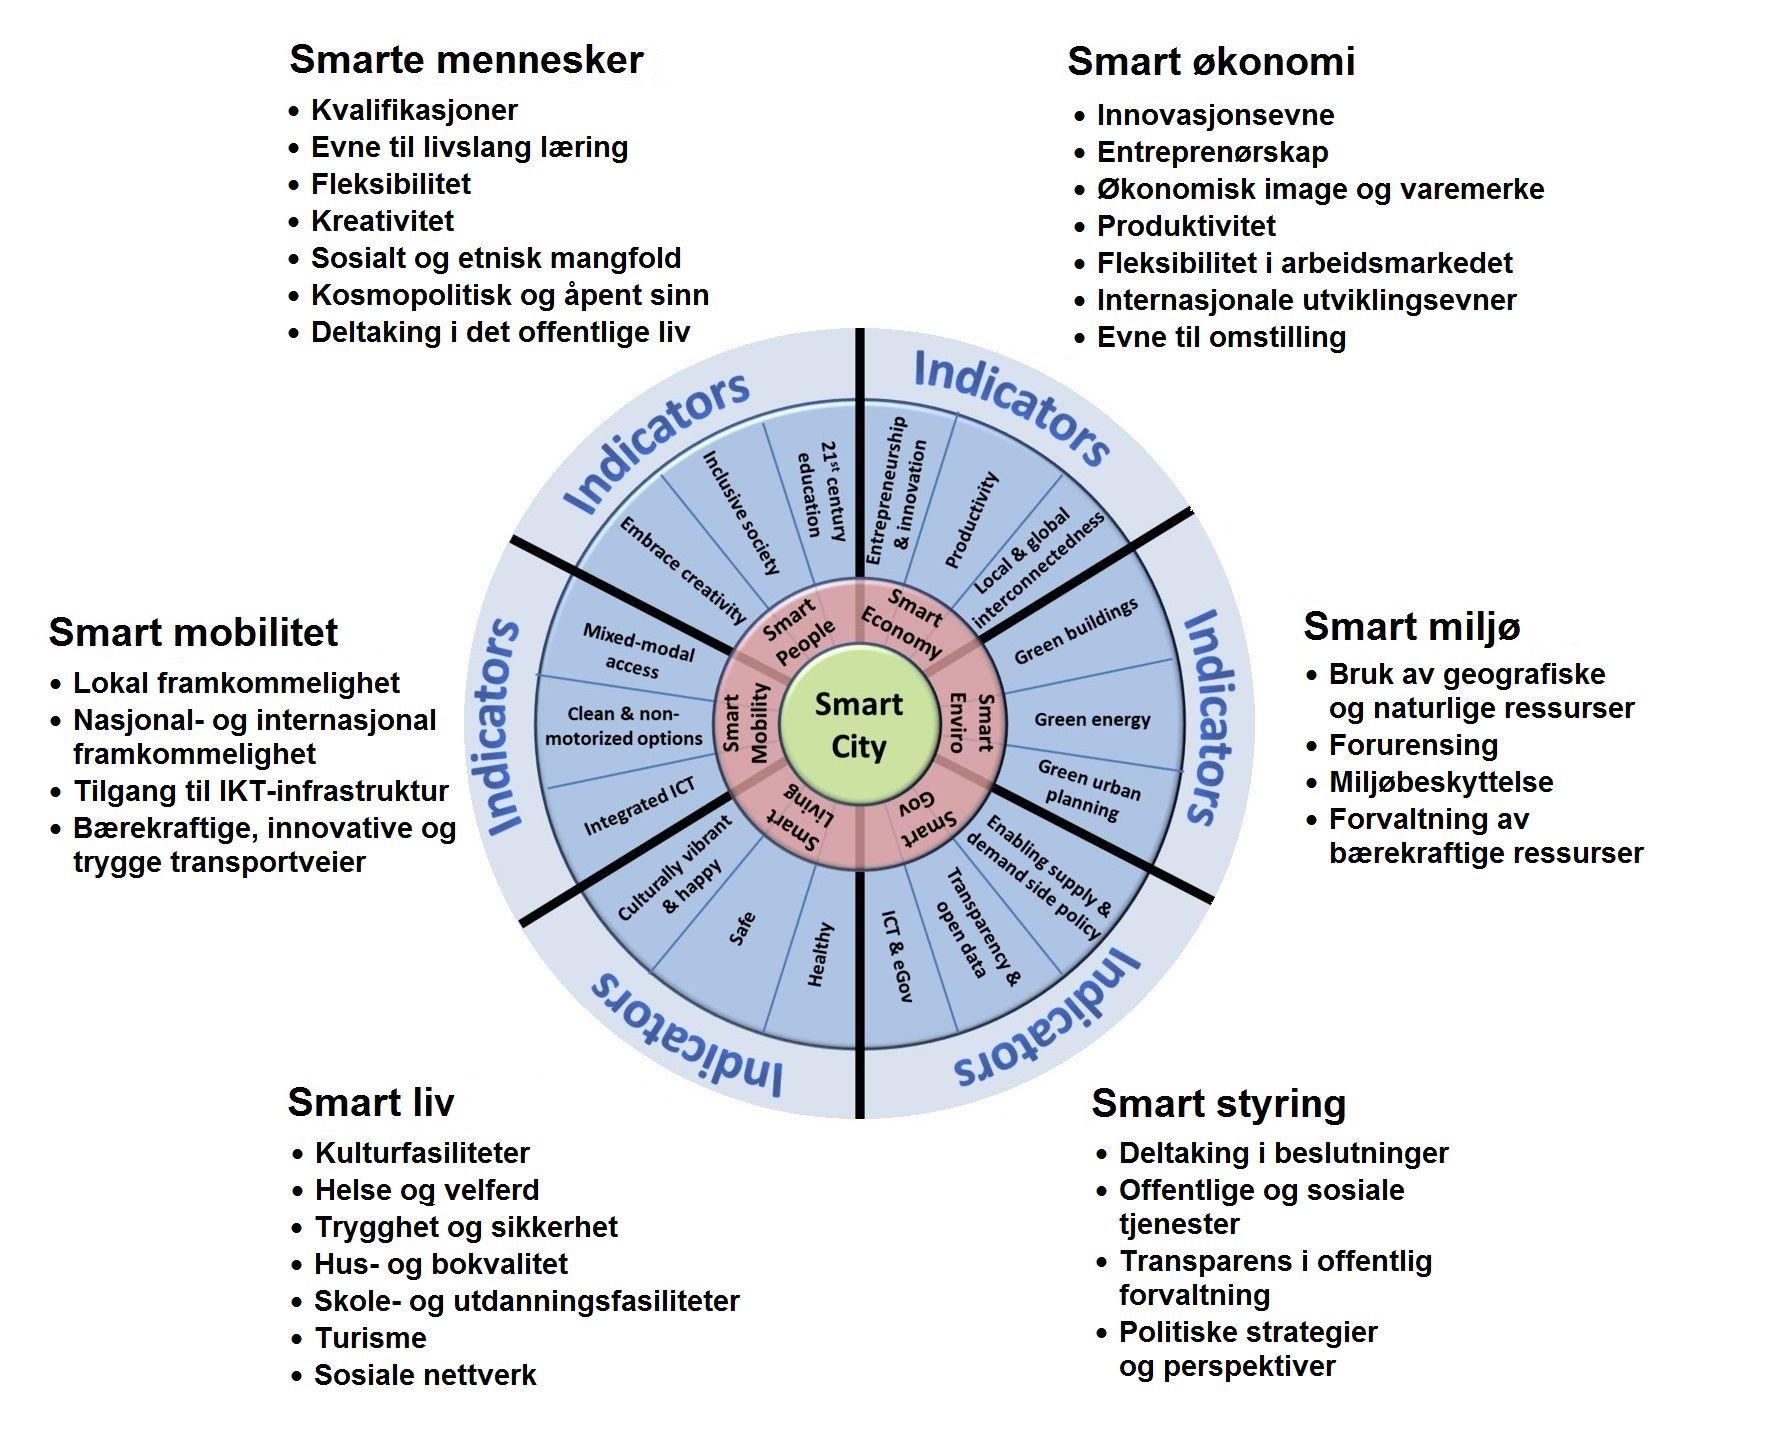 Hvor suksessfull eller «smart» en by er måles gjerne ved en rekke indikatorer innenfor økonomi, energi, transport, helse, skole og styresett for å nevne noen. En modell som ofte er brukt er Smart City hjulet, som har sitt opphav fra Siemens og Wienna University of Technology.